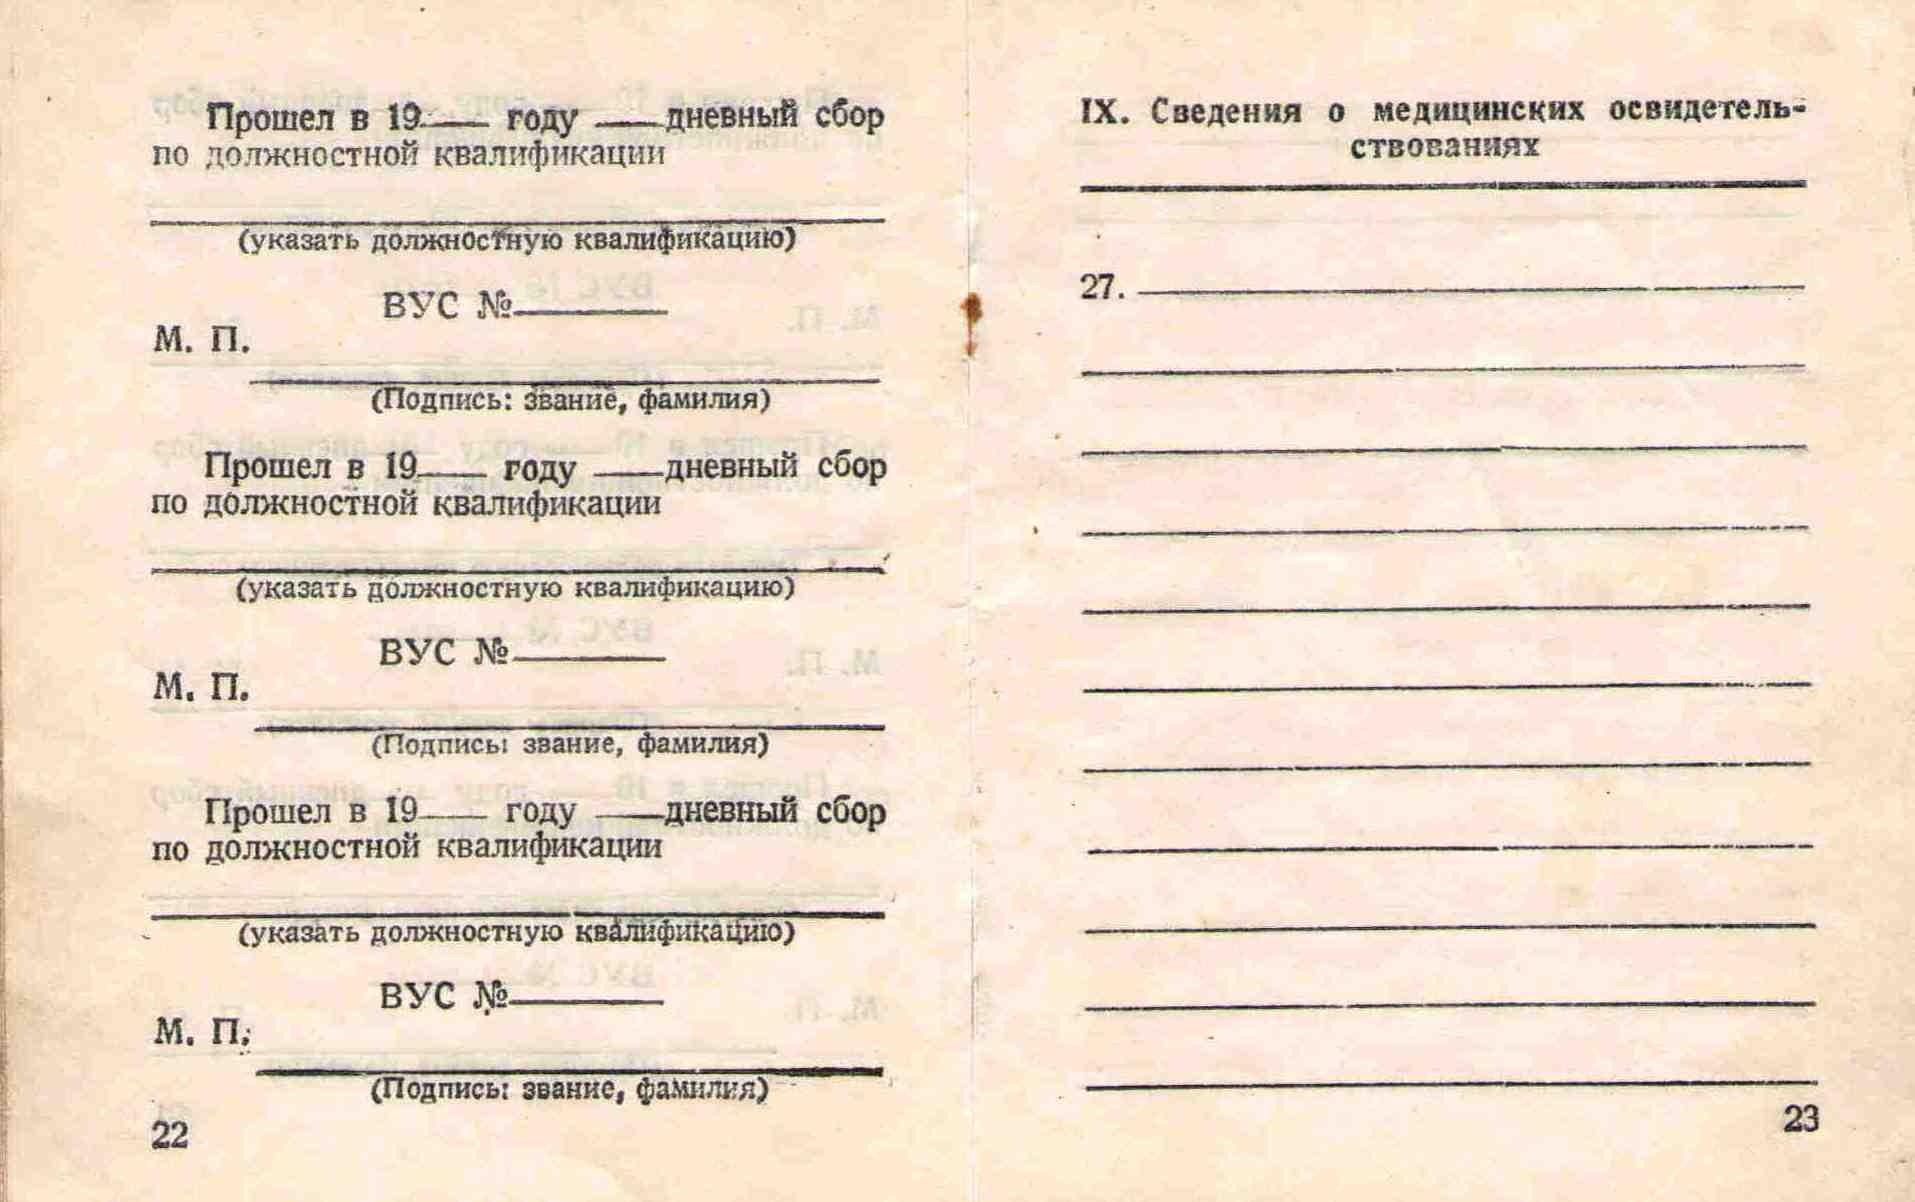 13. Военный билет Барыкина ПП,1948